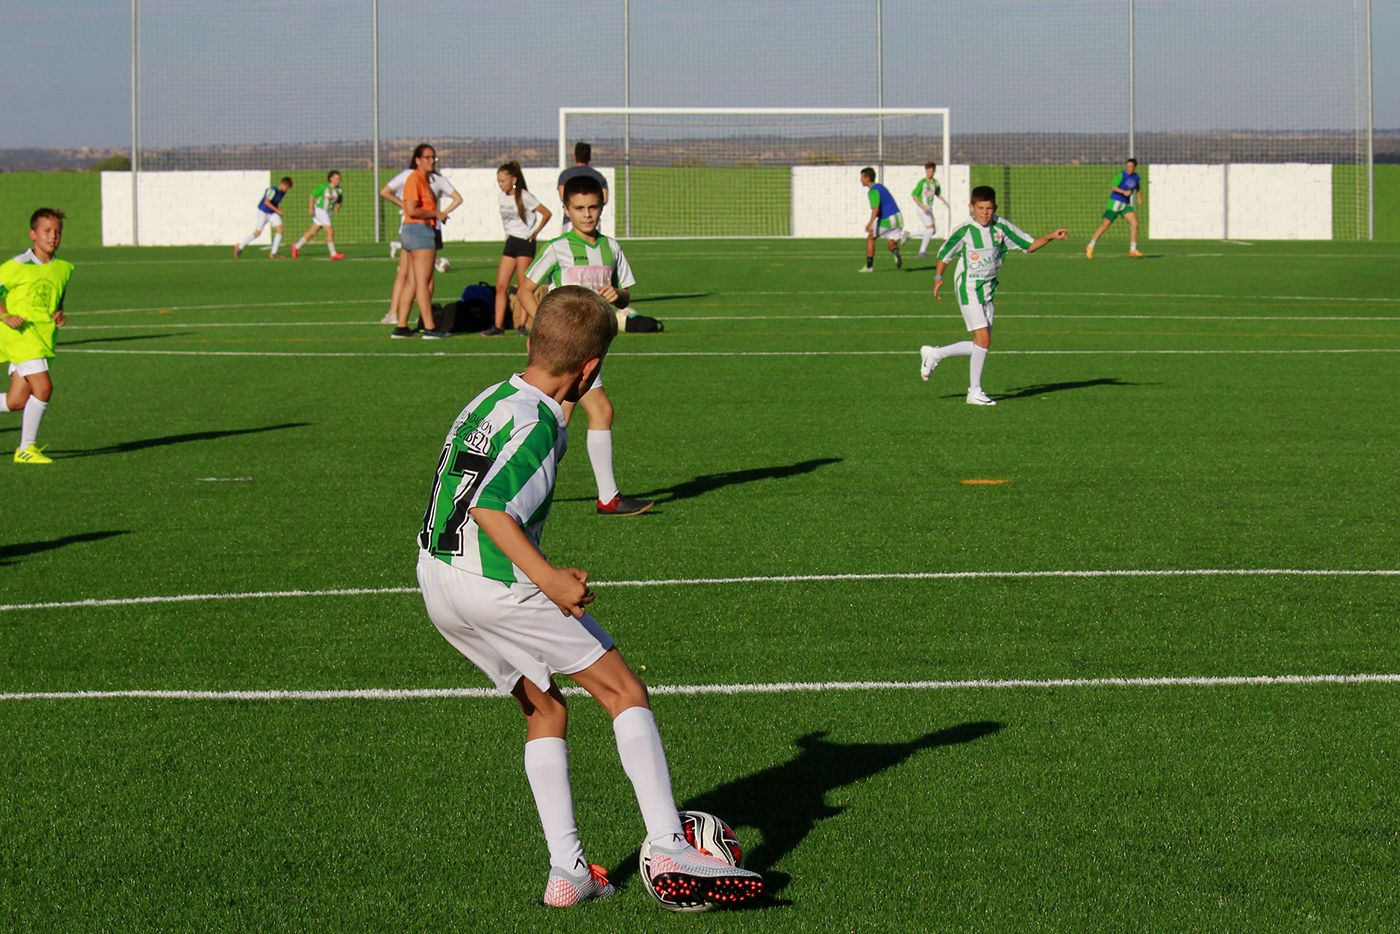 Futbol - Inicio Concejalía de Deportes del Ayuntemiento de Escalona